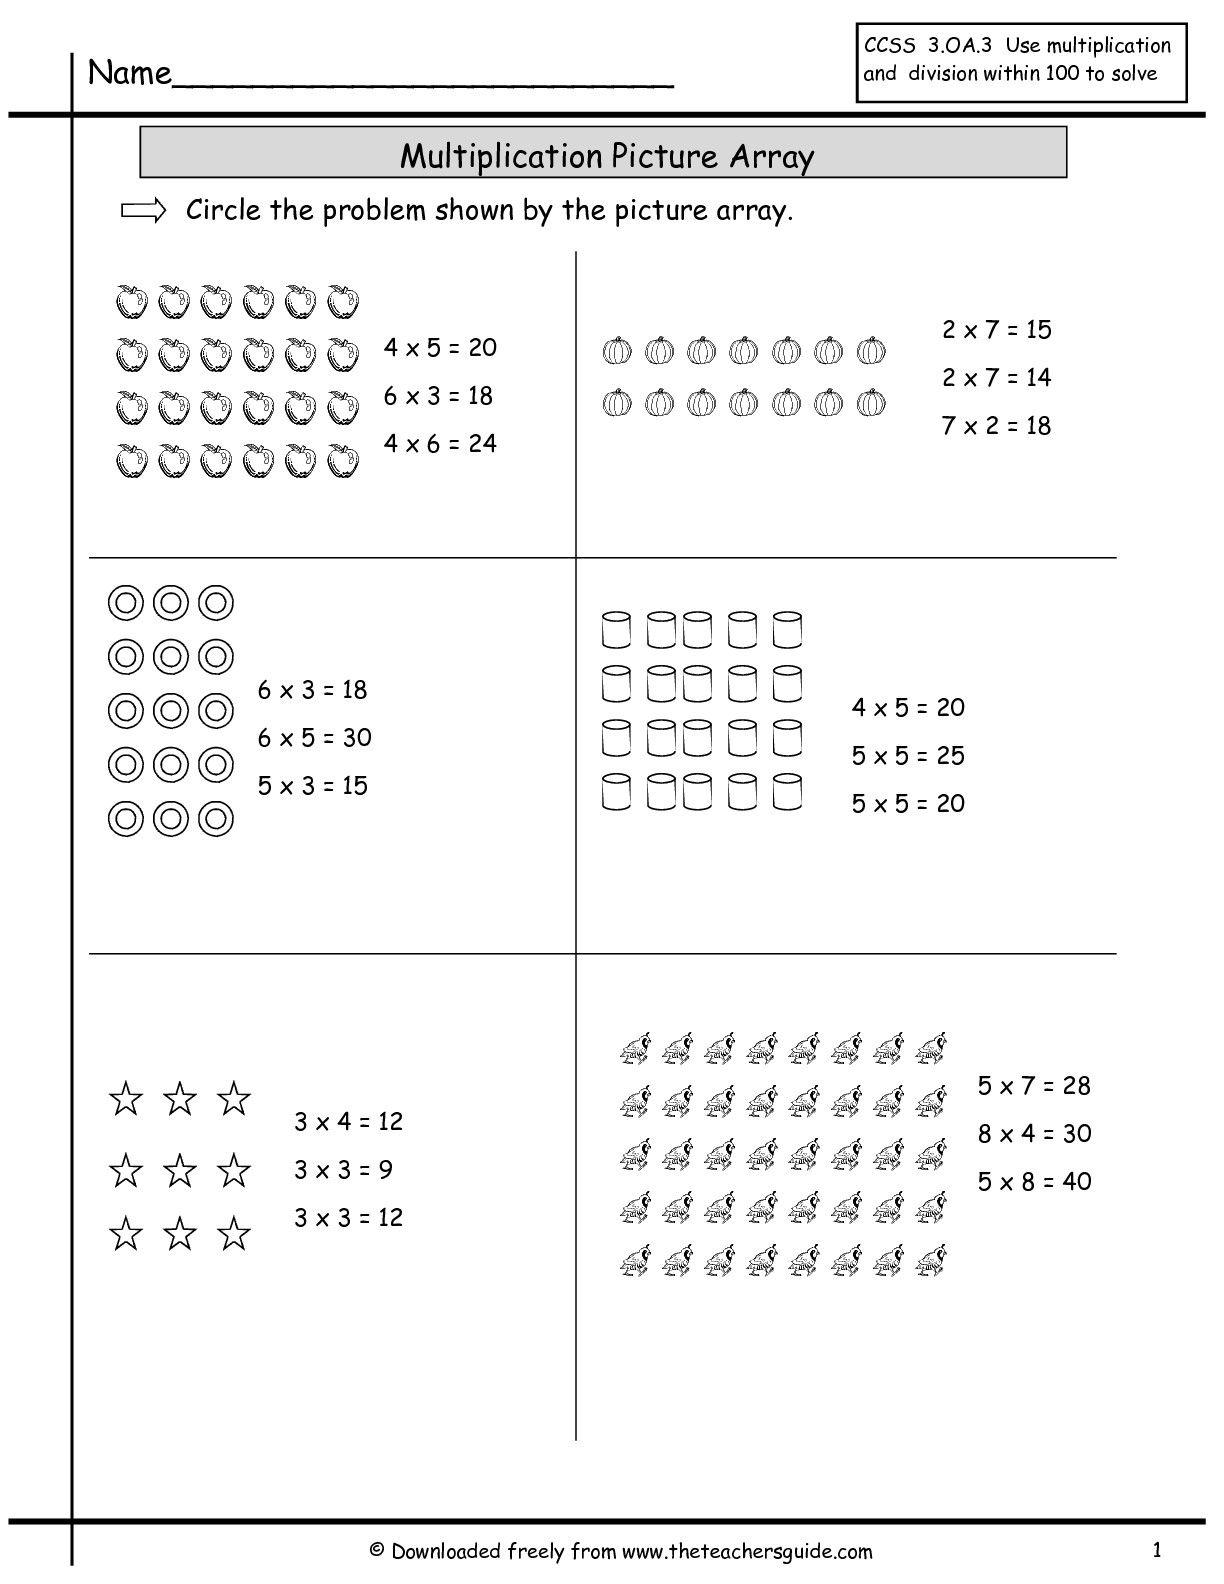 25 Best Worksheets For 3rd Graders Images On Best